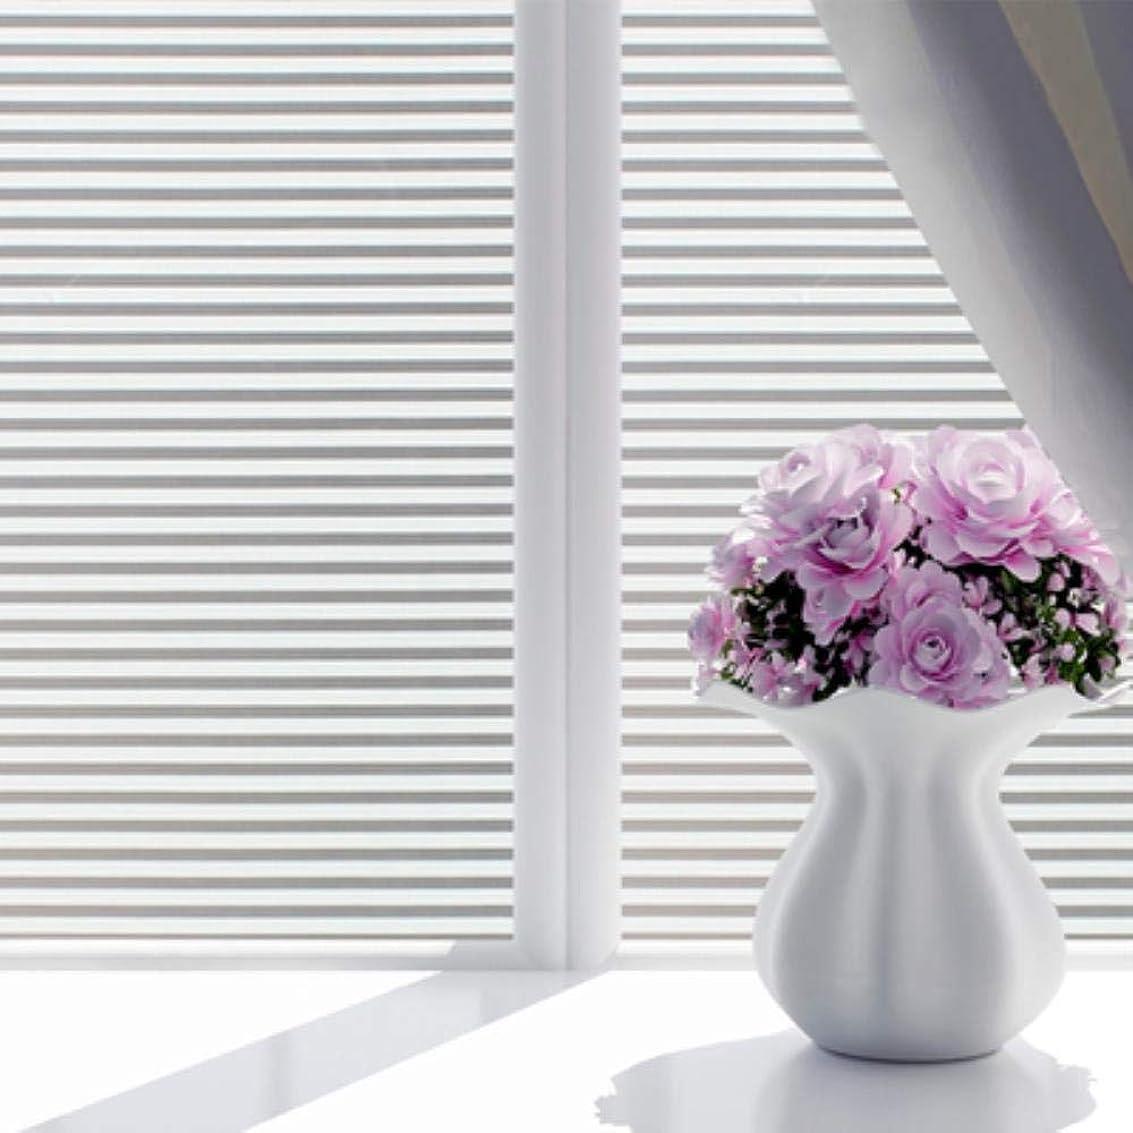 非互換日光前奏曲ガラスウィンドウフィルム 接着剤不要 プライバシー 窓用ステッカー 曇りガラス 窓用フィルム プライバシー粘着ガラスステッカー ホームインテリア ミックスカラー 寝室 17.7インチ x 78.7インチ 35.4